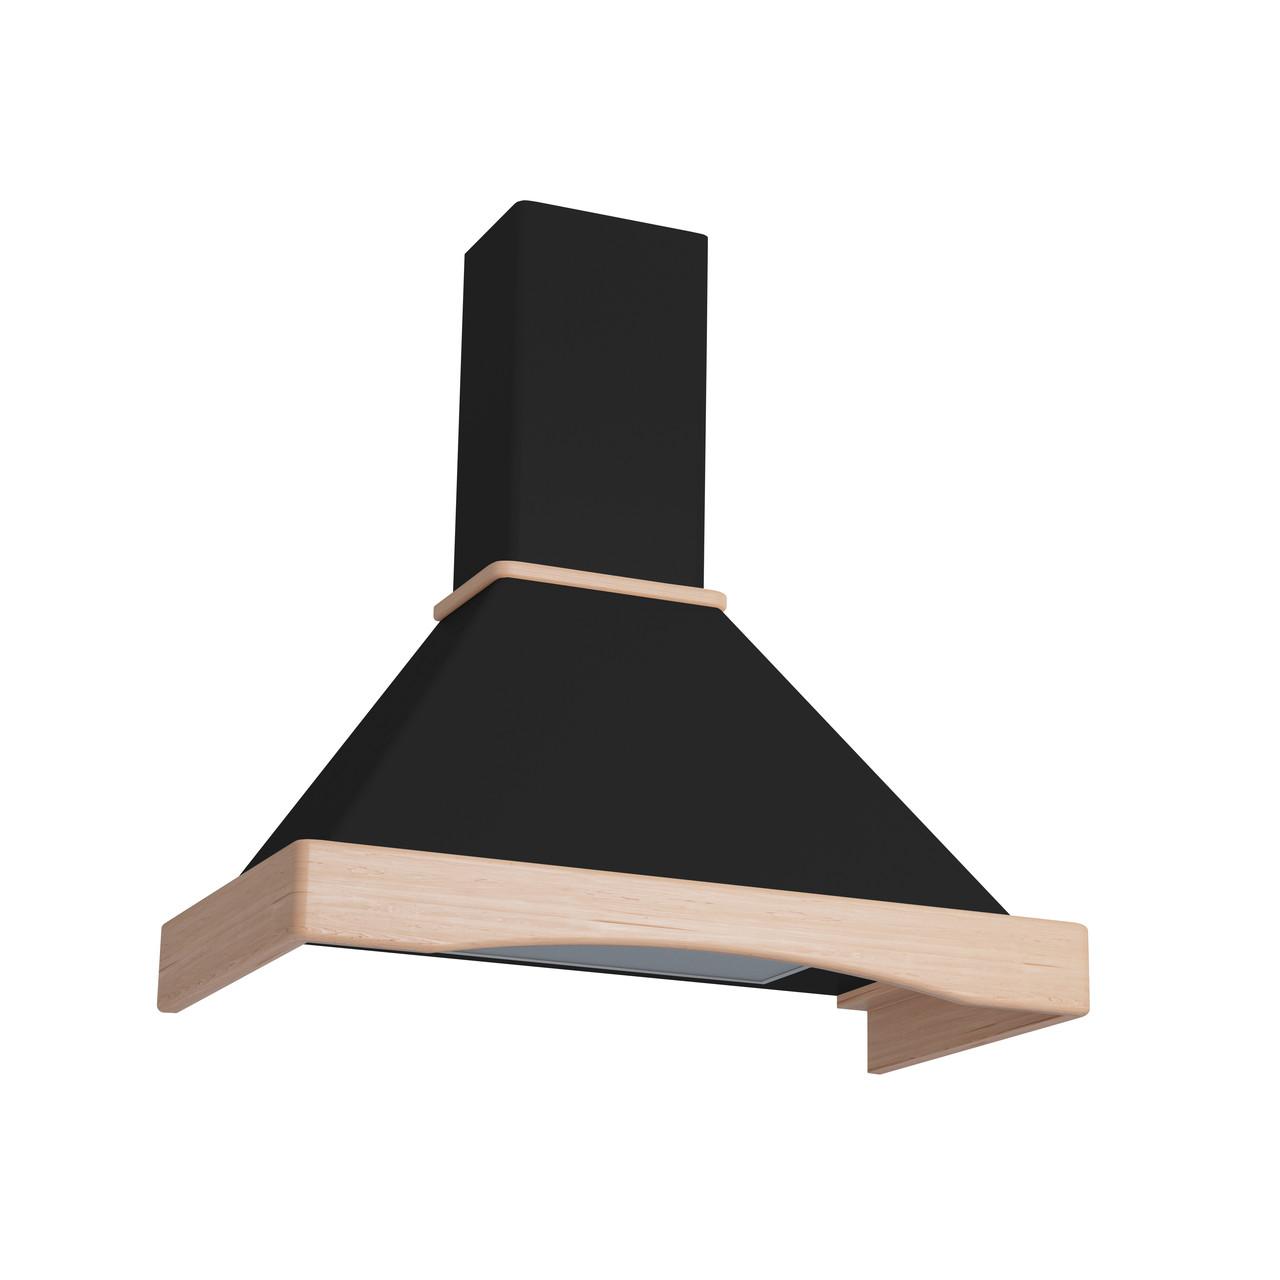 Витяжка кухонна ELEYUS Gamma 1000 LED SMD 90 N BL